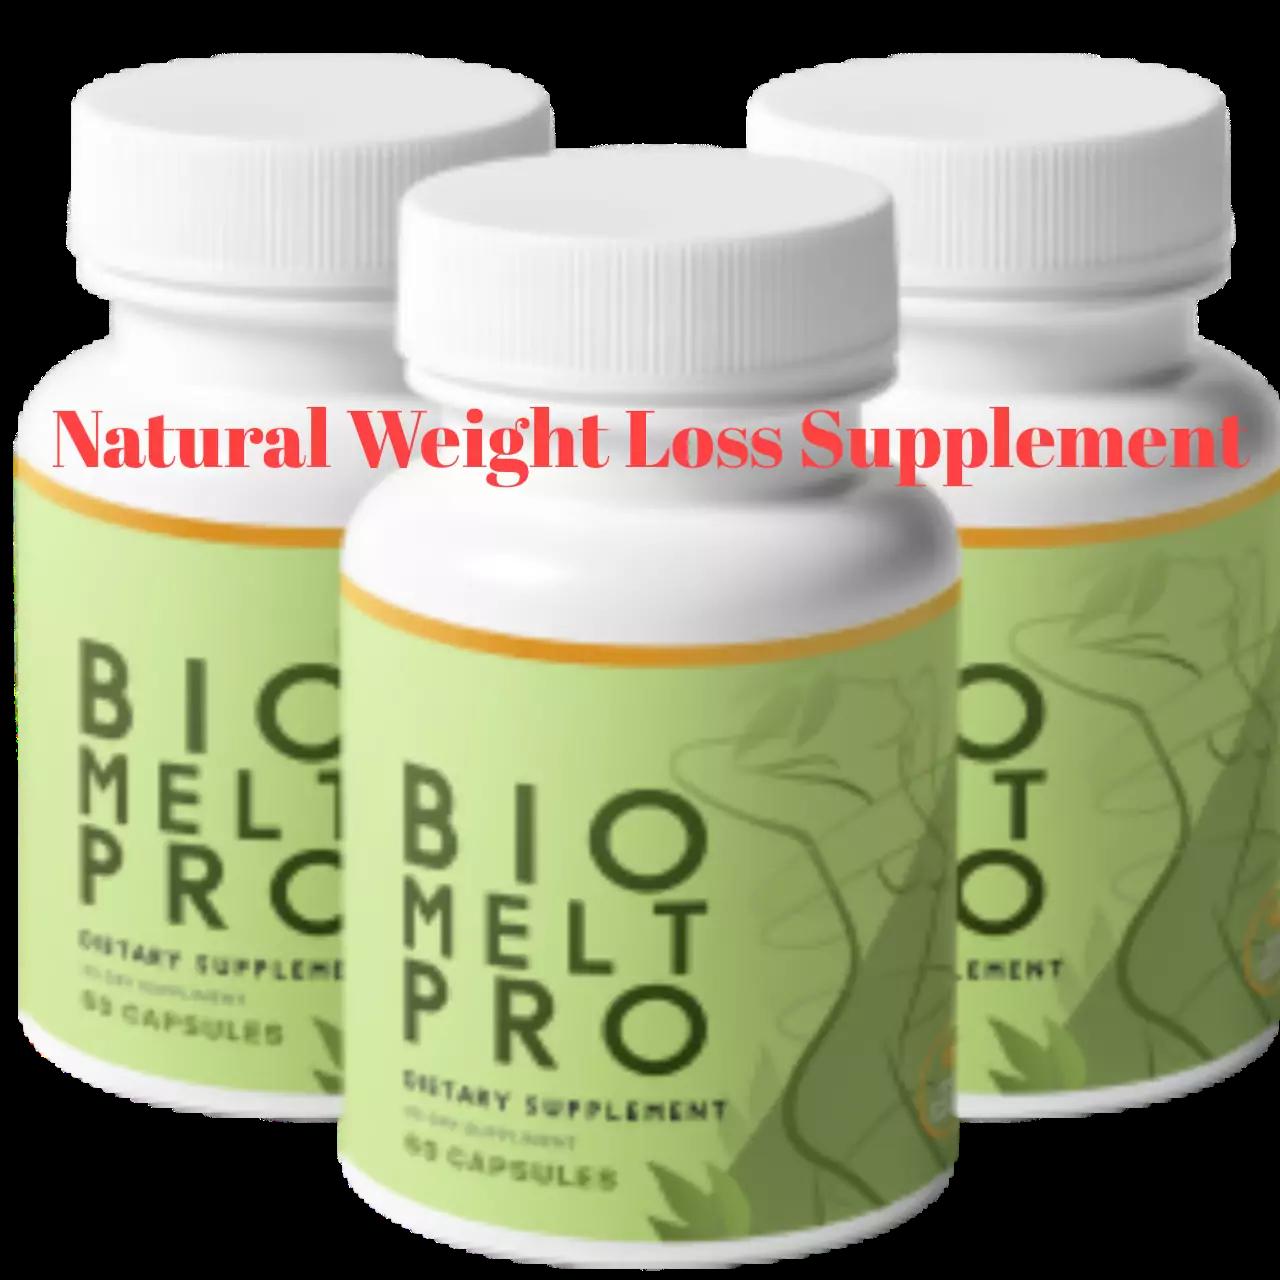 Bio Melt Pro Review: BioMelt Pro Diet Pills For Weight Loss